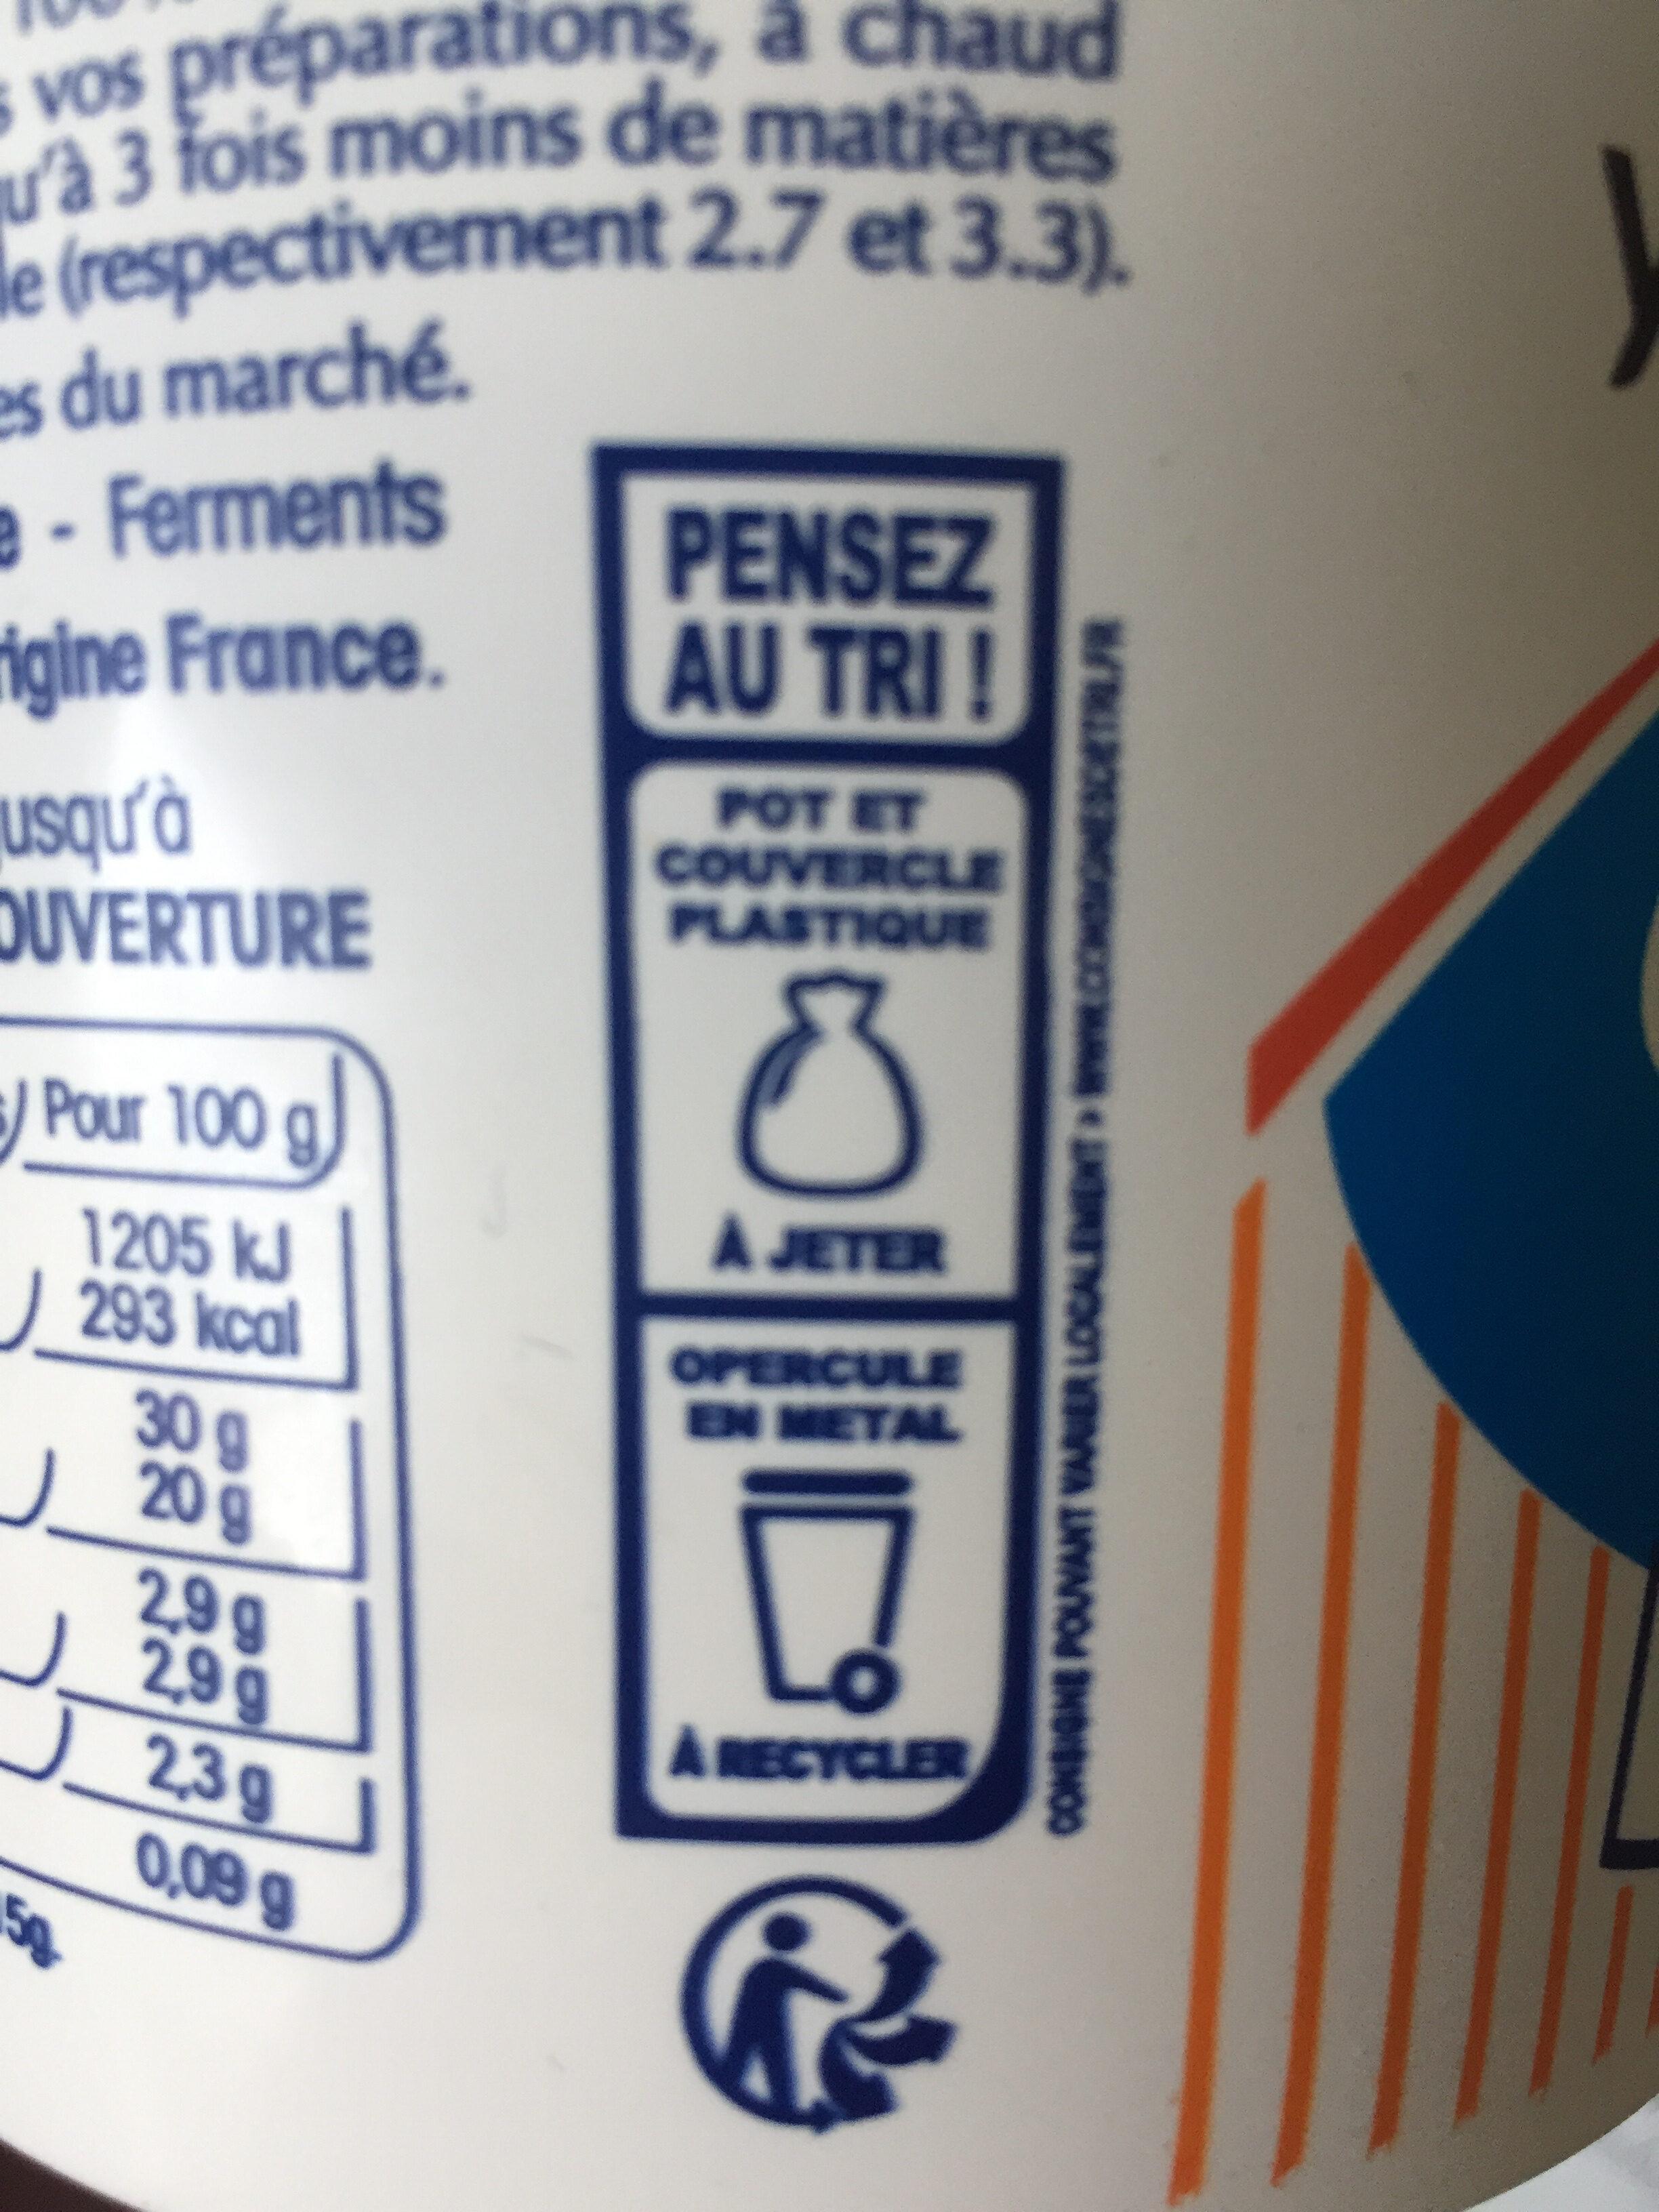 Crème fraîche - Instruction de recyclage et/ou informations d'emballage - fr